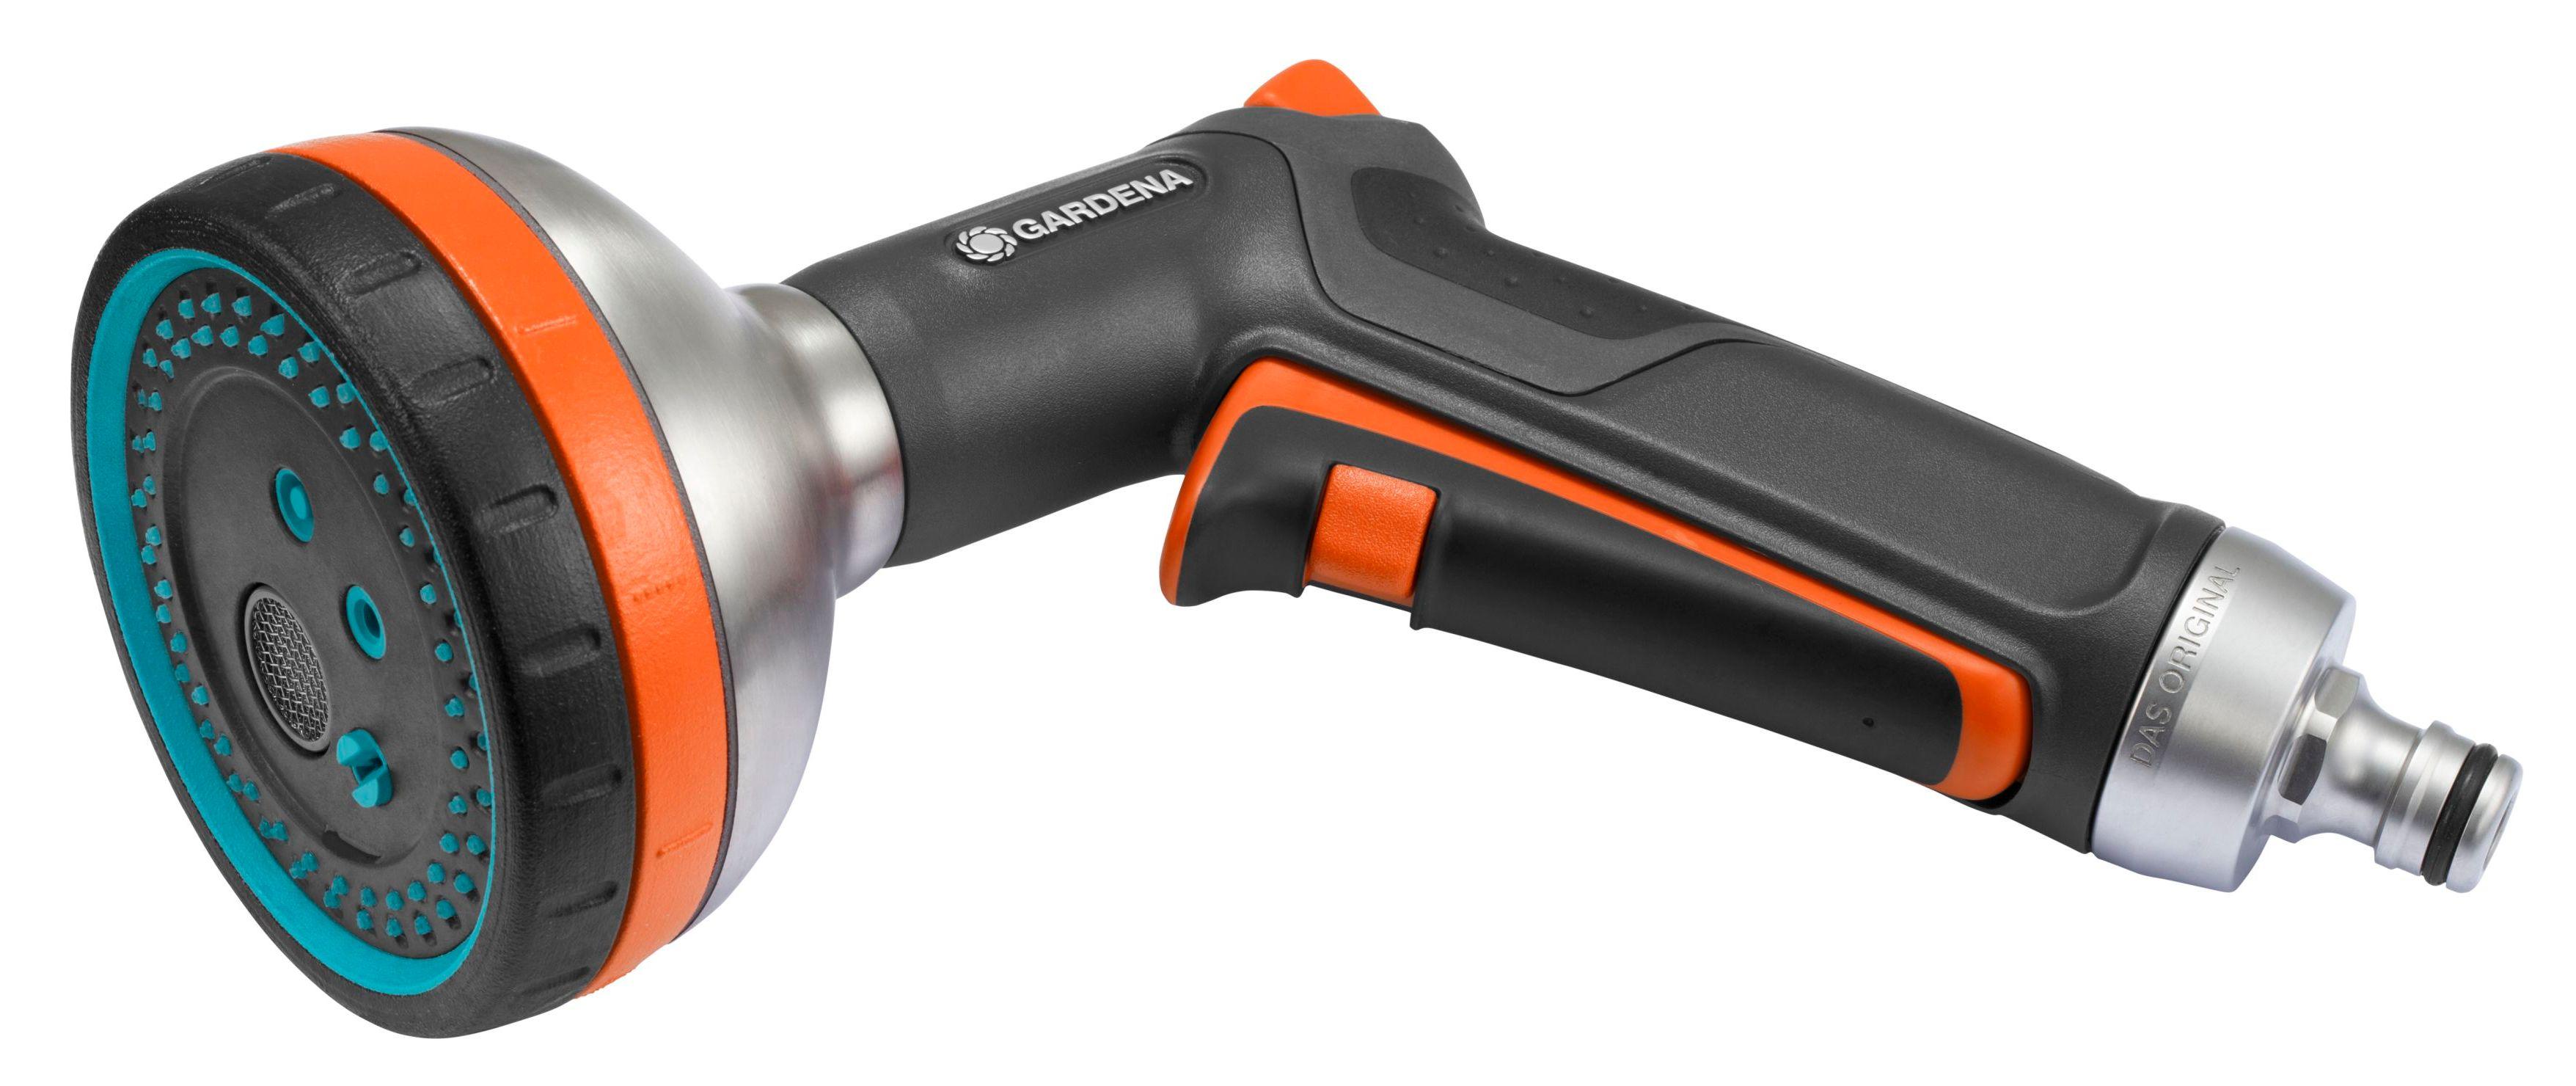 Gardena G18317 20 Premium Multi Sprayer